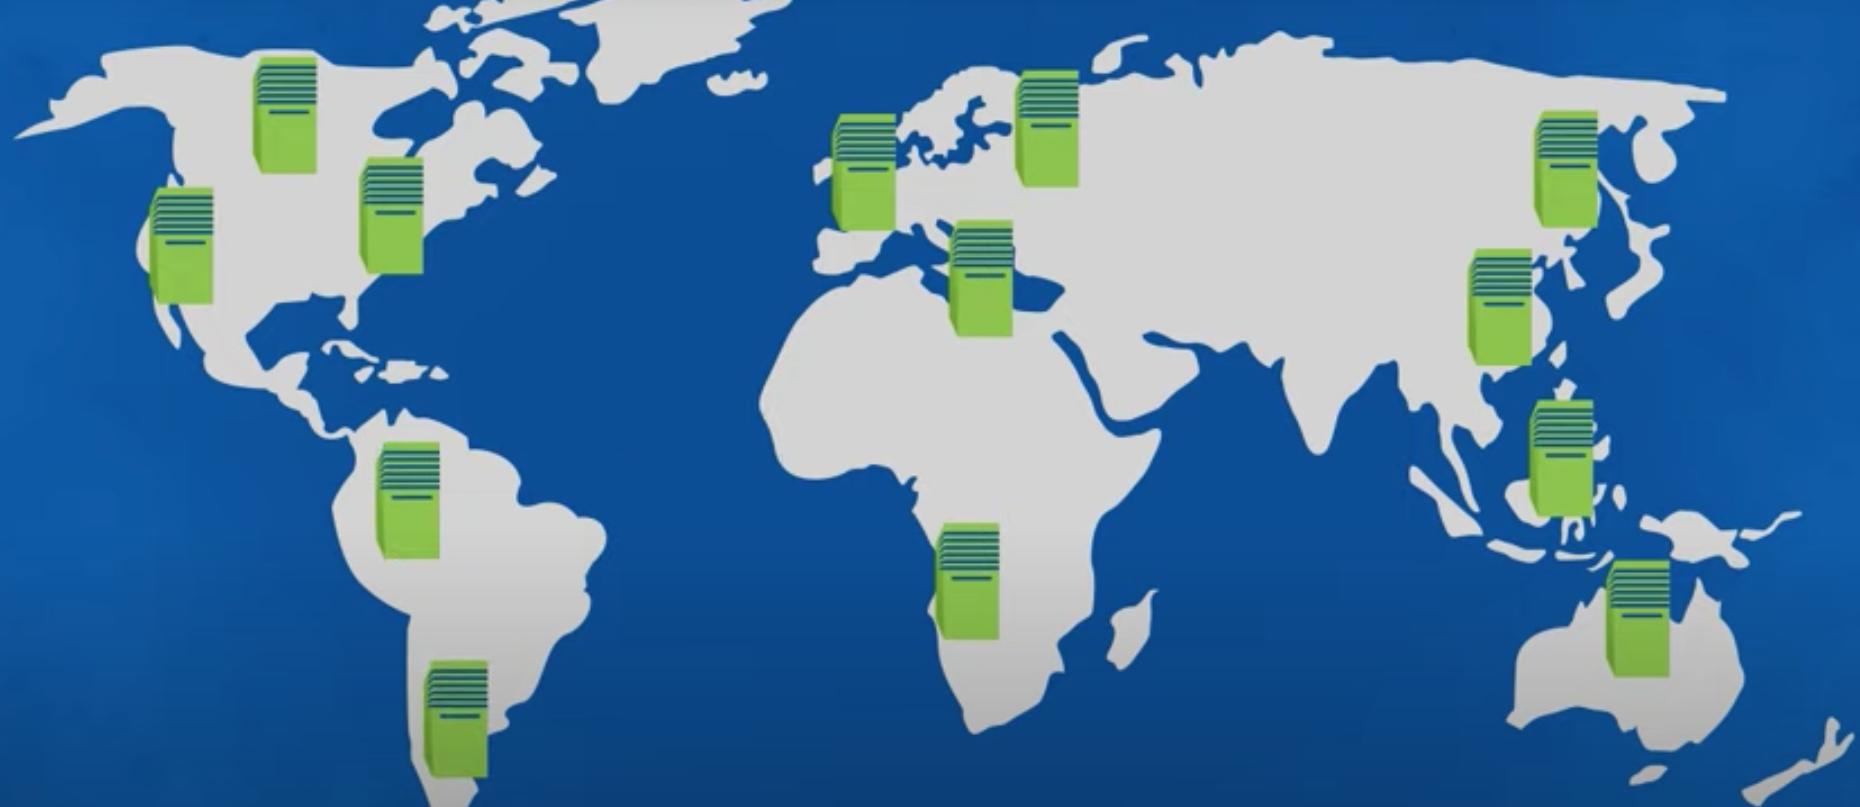 , te permite conectarte a 35 servidores en más de 12 países aproximadamente